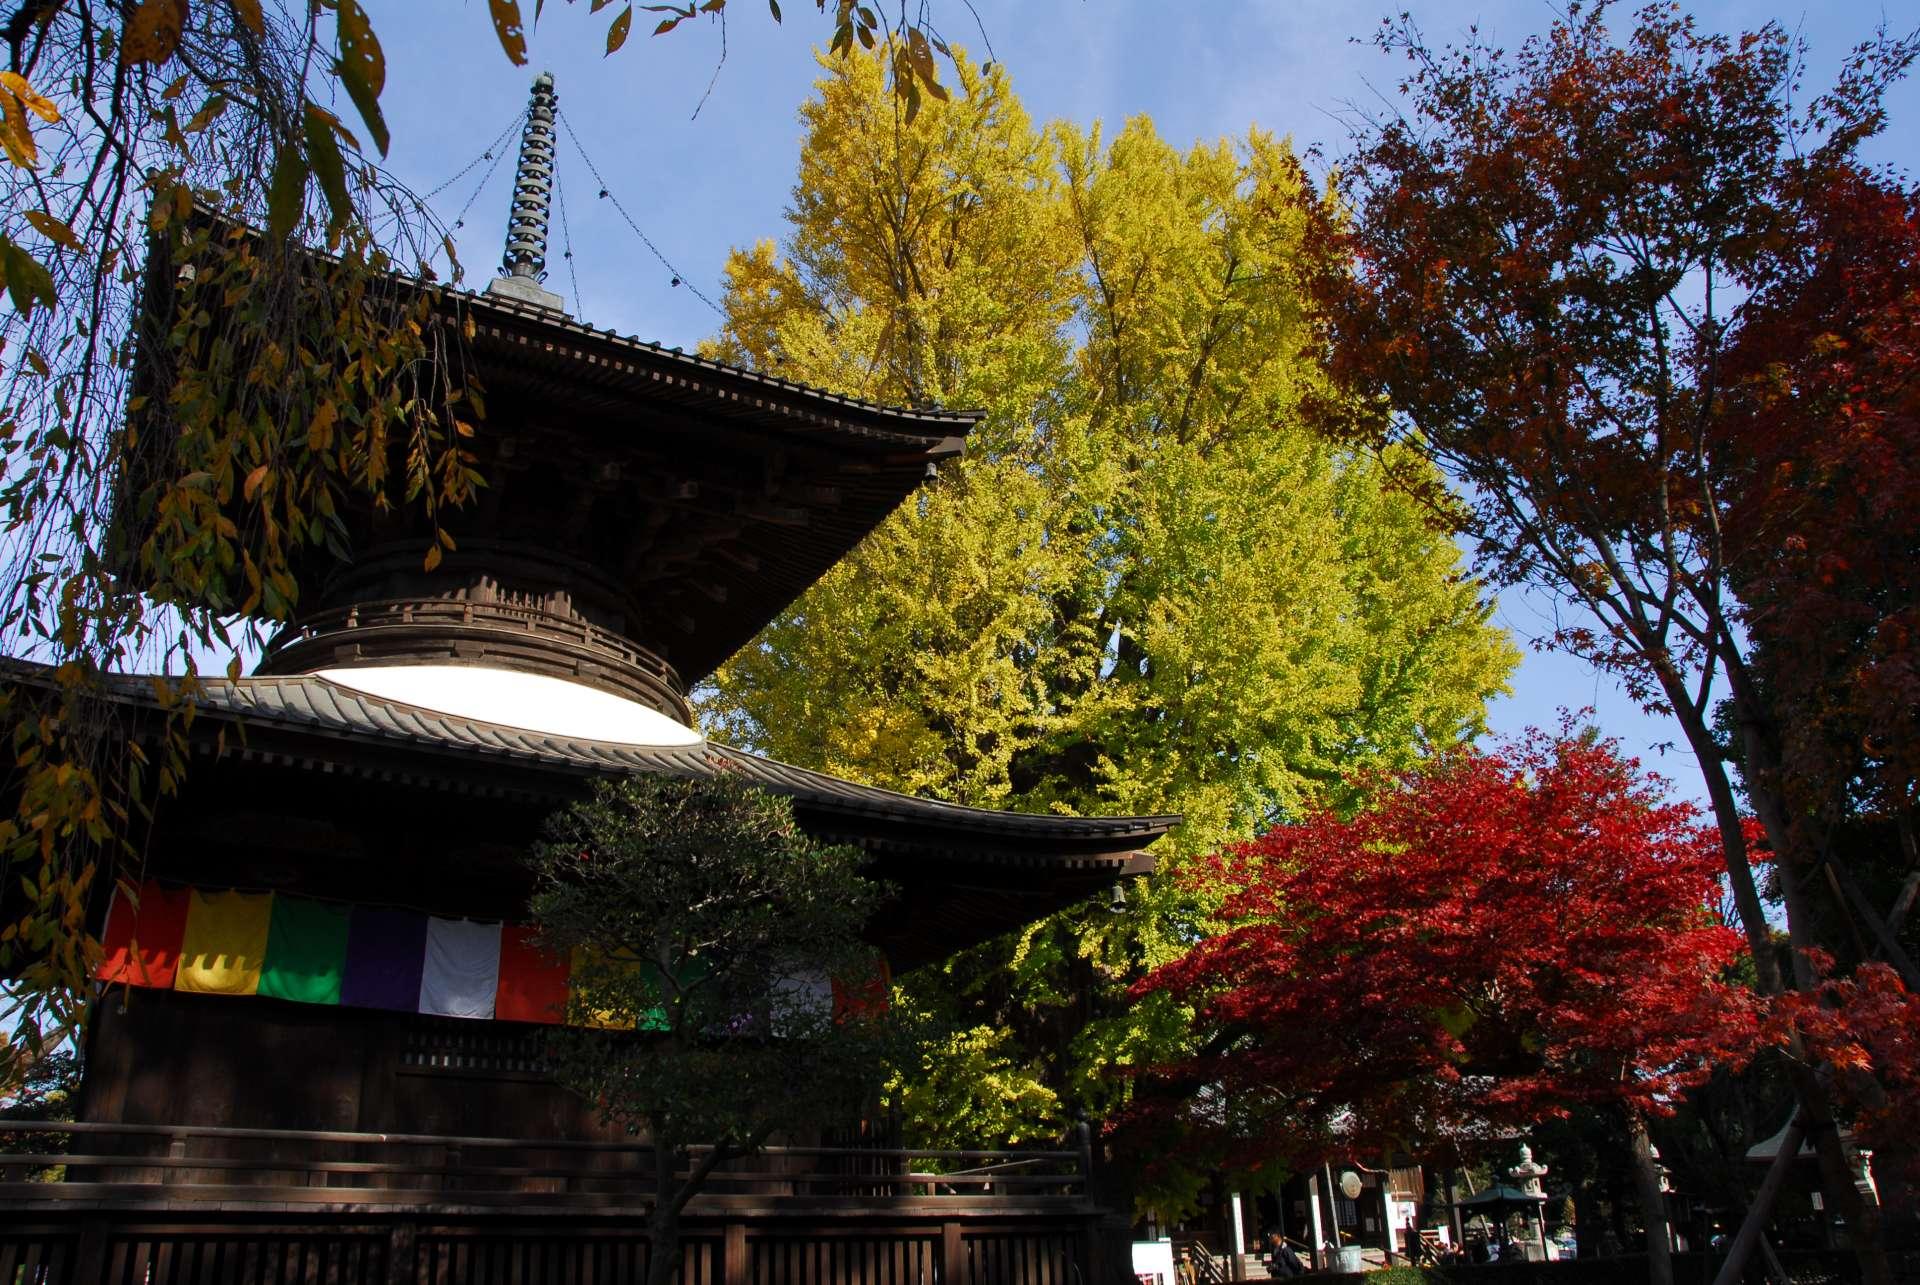 多寶塔和背景的大銀杏樹,加上周圍的紅葉共同編織出迷人的景緻。